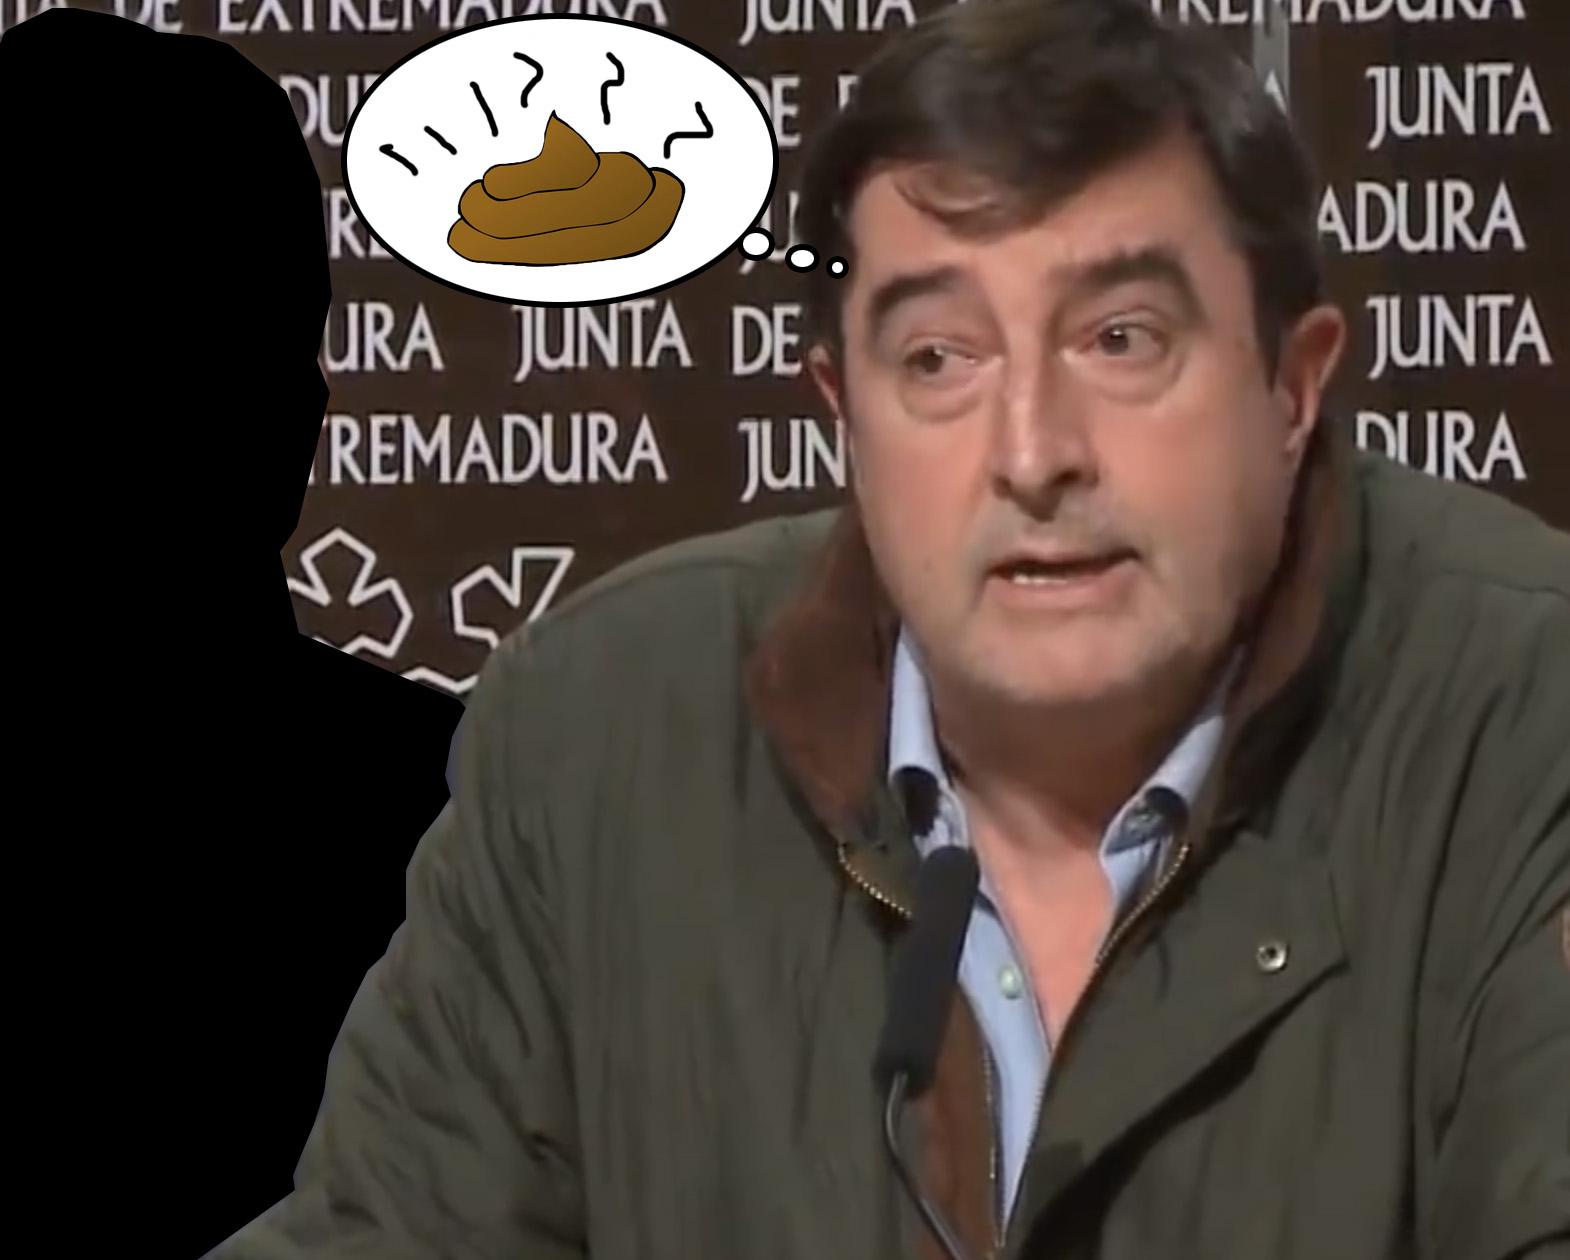 La poca inteligencia del presidente de Asaja lo lleva a decir que se manifestaran en la casa de Pablo Iglesias